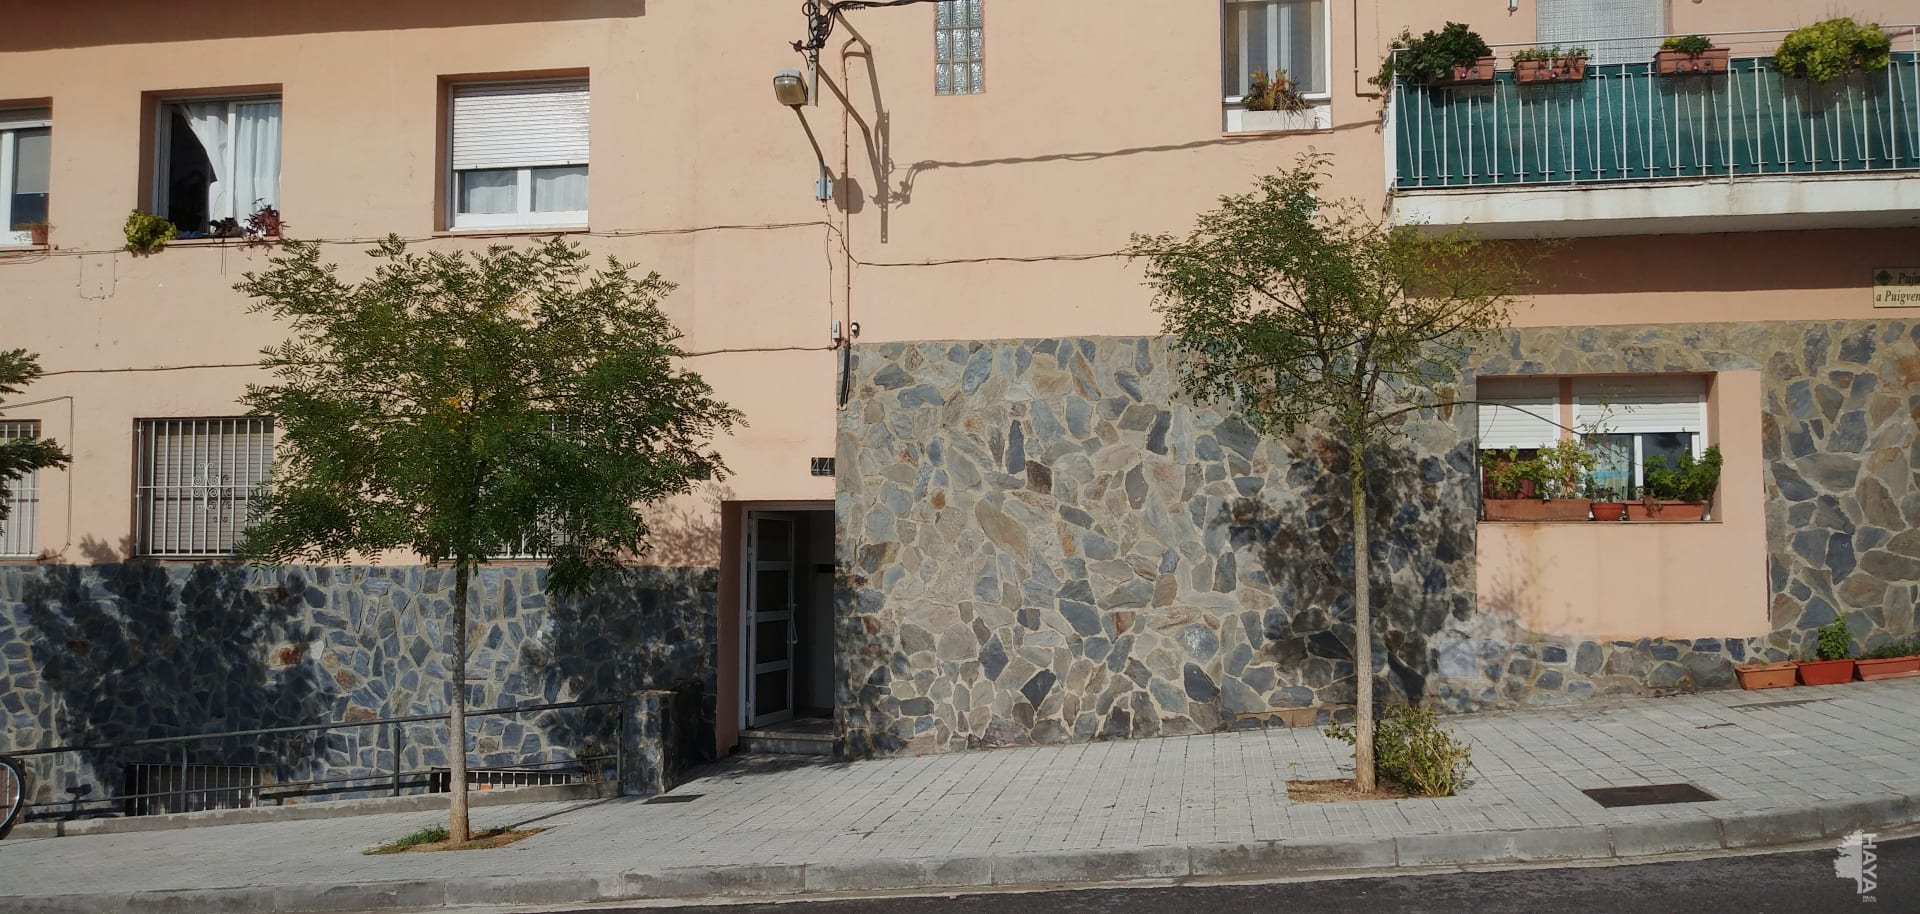 Piso en venta en Lloret de Mar, Girona, Calle Cuesta Puigventos, 77.805 €, 1 habitación, 1 baño, 42 m2